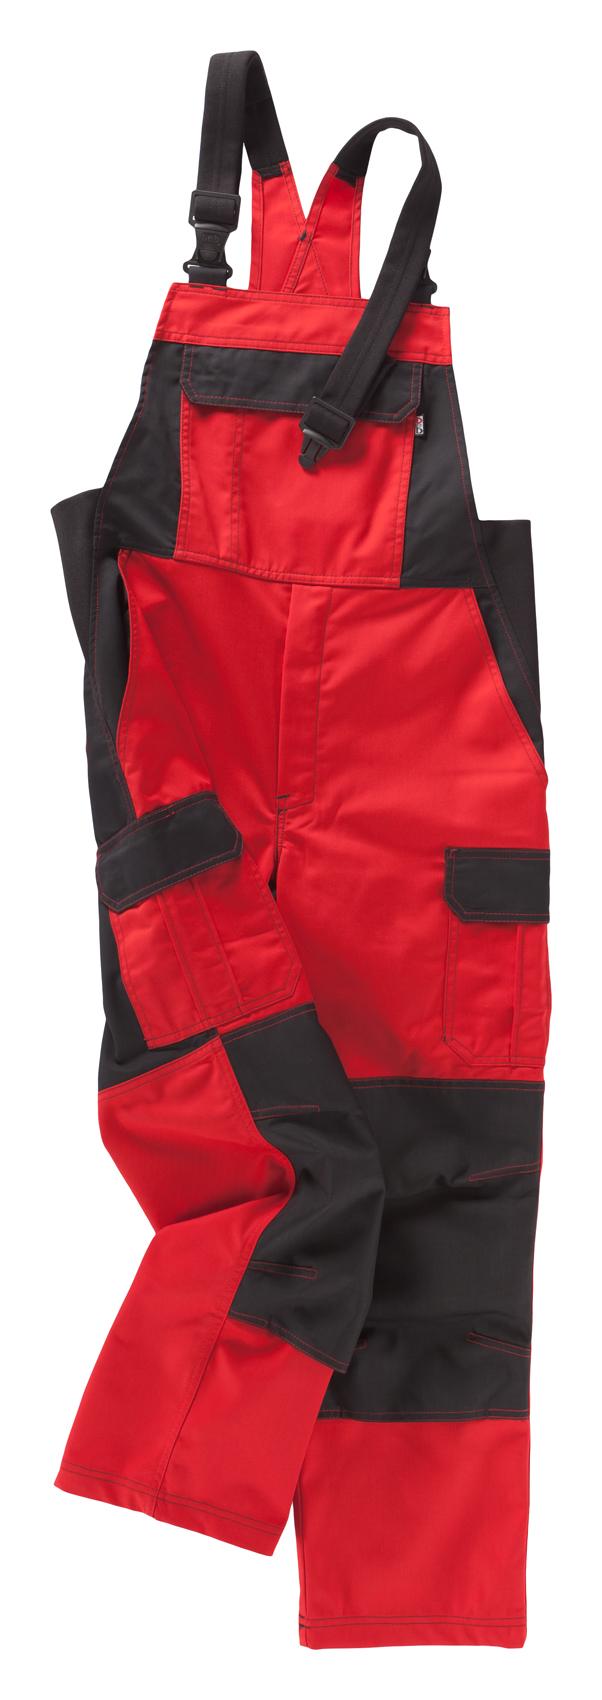 Heute im Angebot: Latzhose Premium - Modell 588 von BEB / Farbe: Rot jetzt günstig kaufen